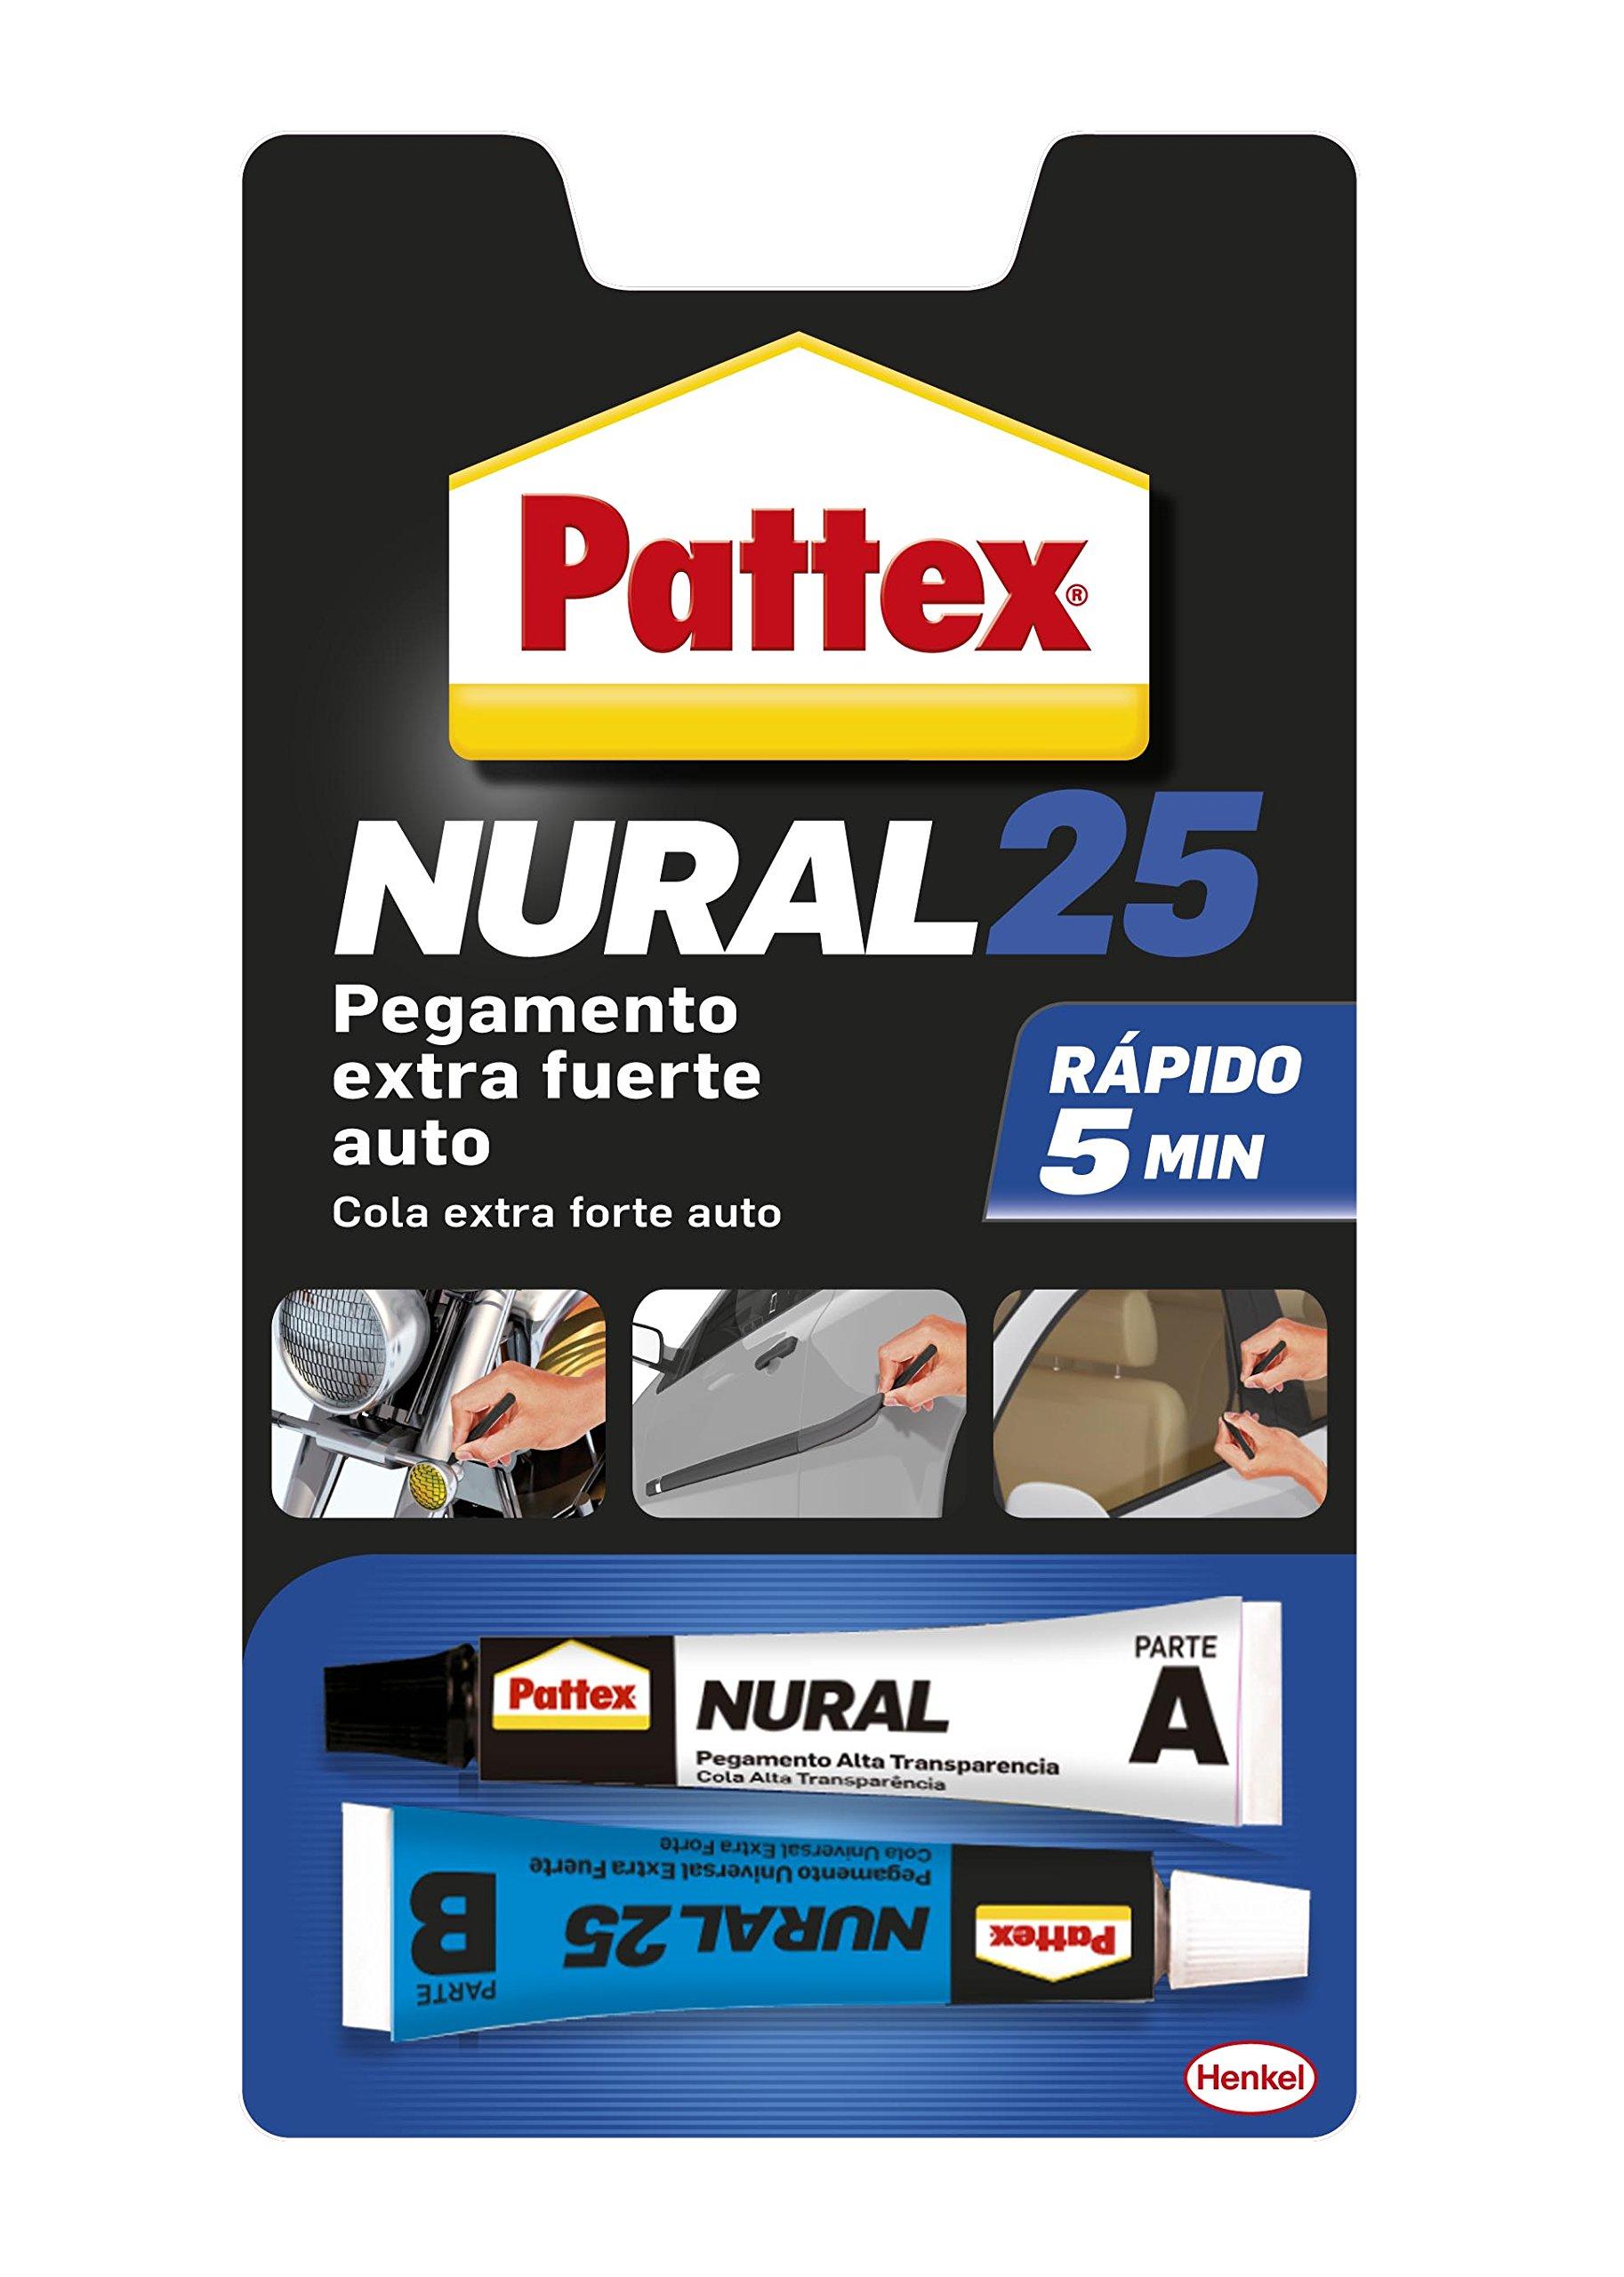 Pattex Nural 25, adhesivo extrafuerte para automóviles, 22ml product image